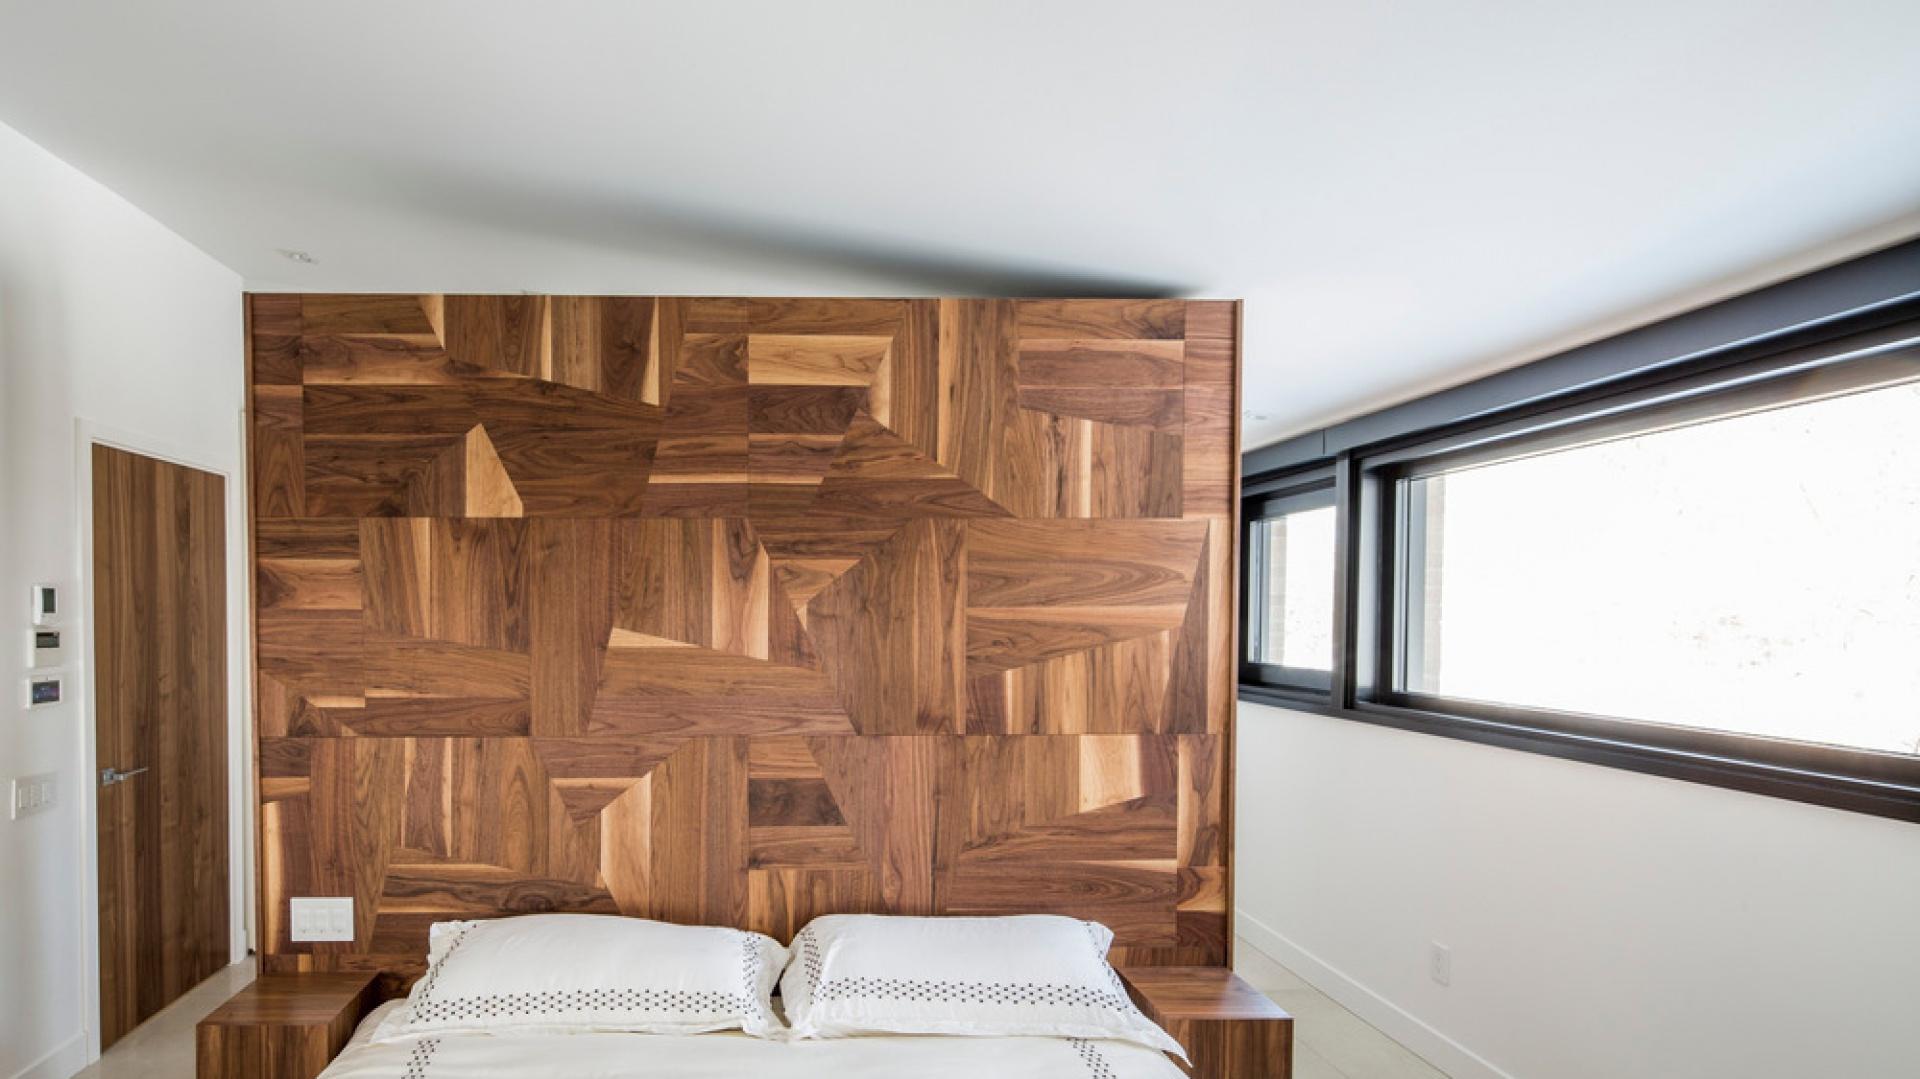 Geometryczną mozaikę z drewna możemy zobaczyć w sypialni. Oryginalny zagłówek łóżka wygląda niczym kubistyczne dzieło sztuki. Projekt: Architecture Open Form. Fot. Adrien Williams.